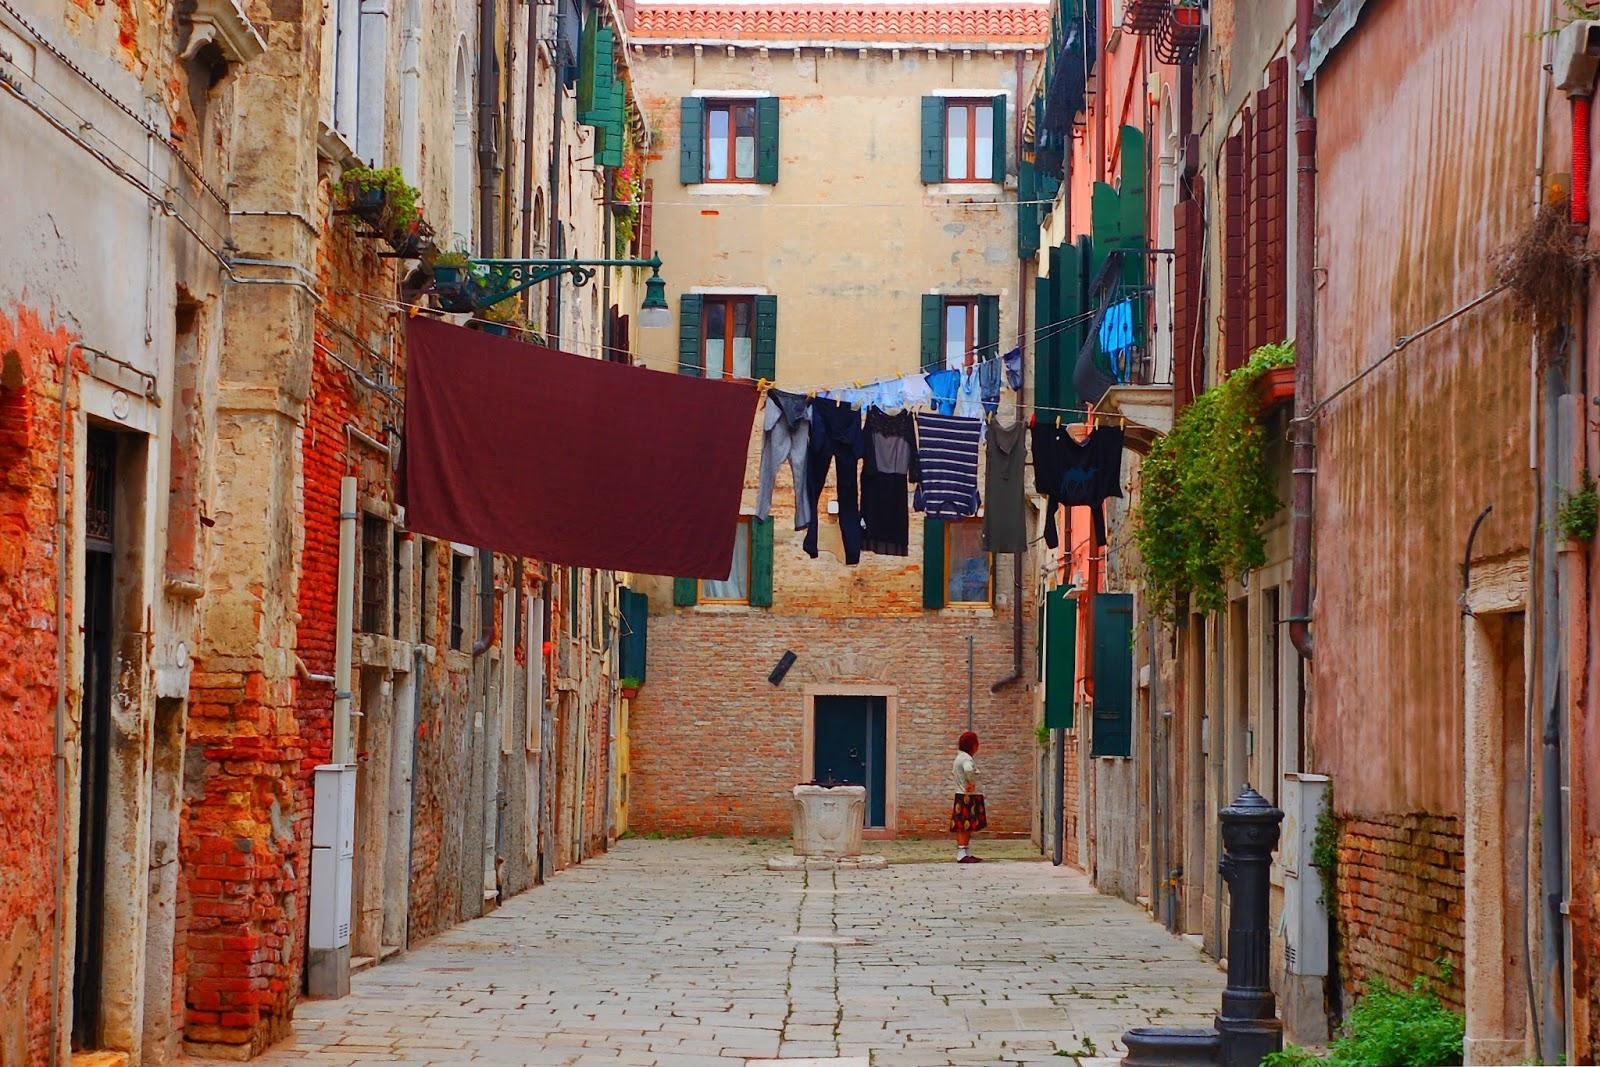 Le Chameau Bleu - La Vénitienne Gardienne du Linge - Venise Italie